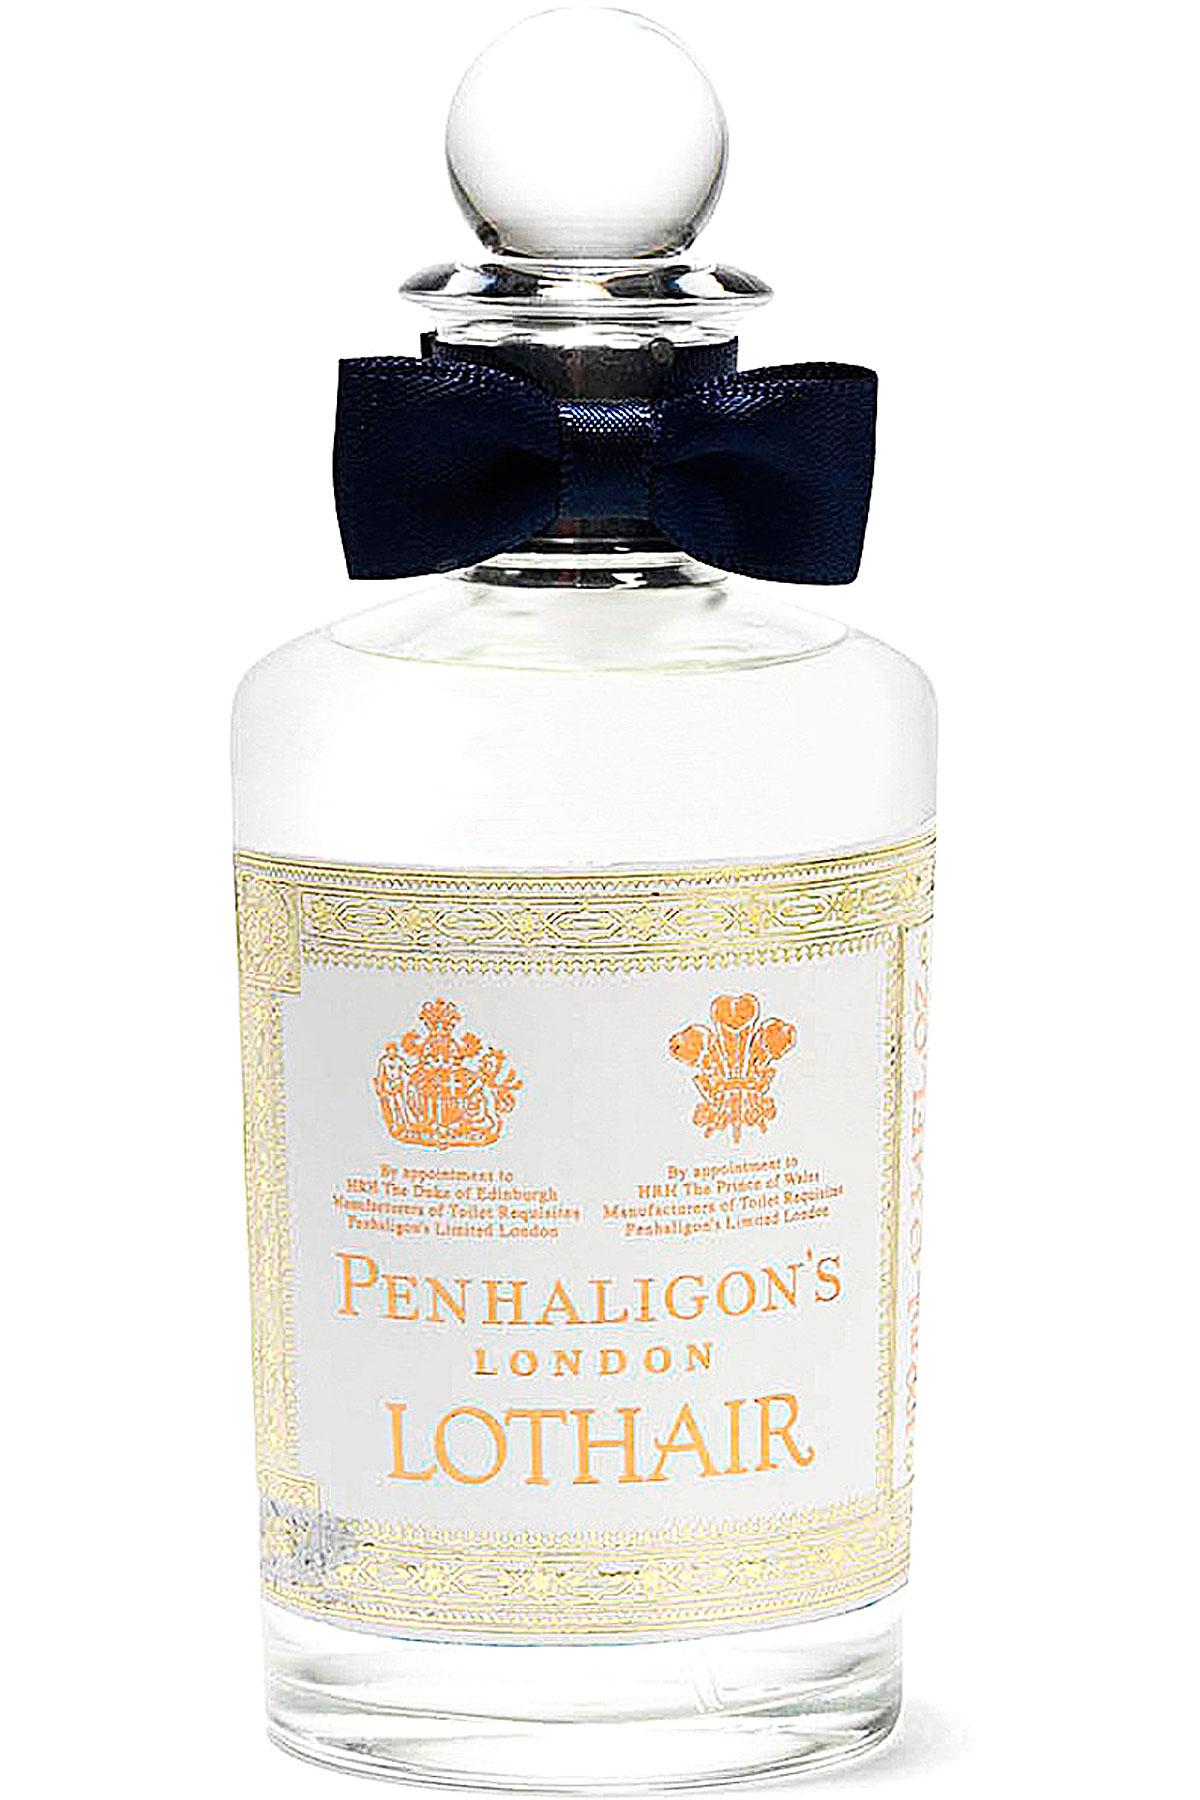 Penhaligon s London Fragrances for Men, Lothair - Eau De Toilette - 100 Ml, 2019, 100 ml